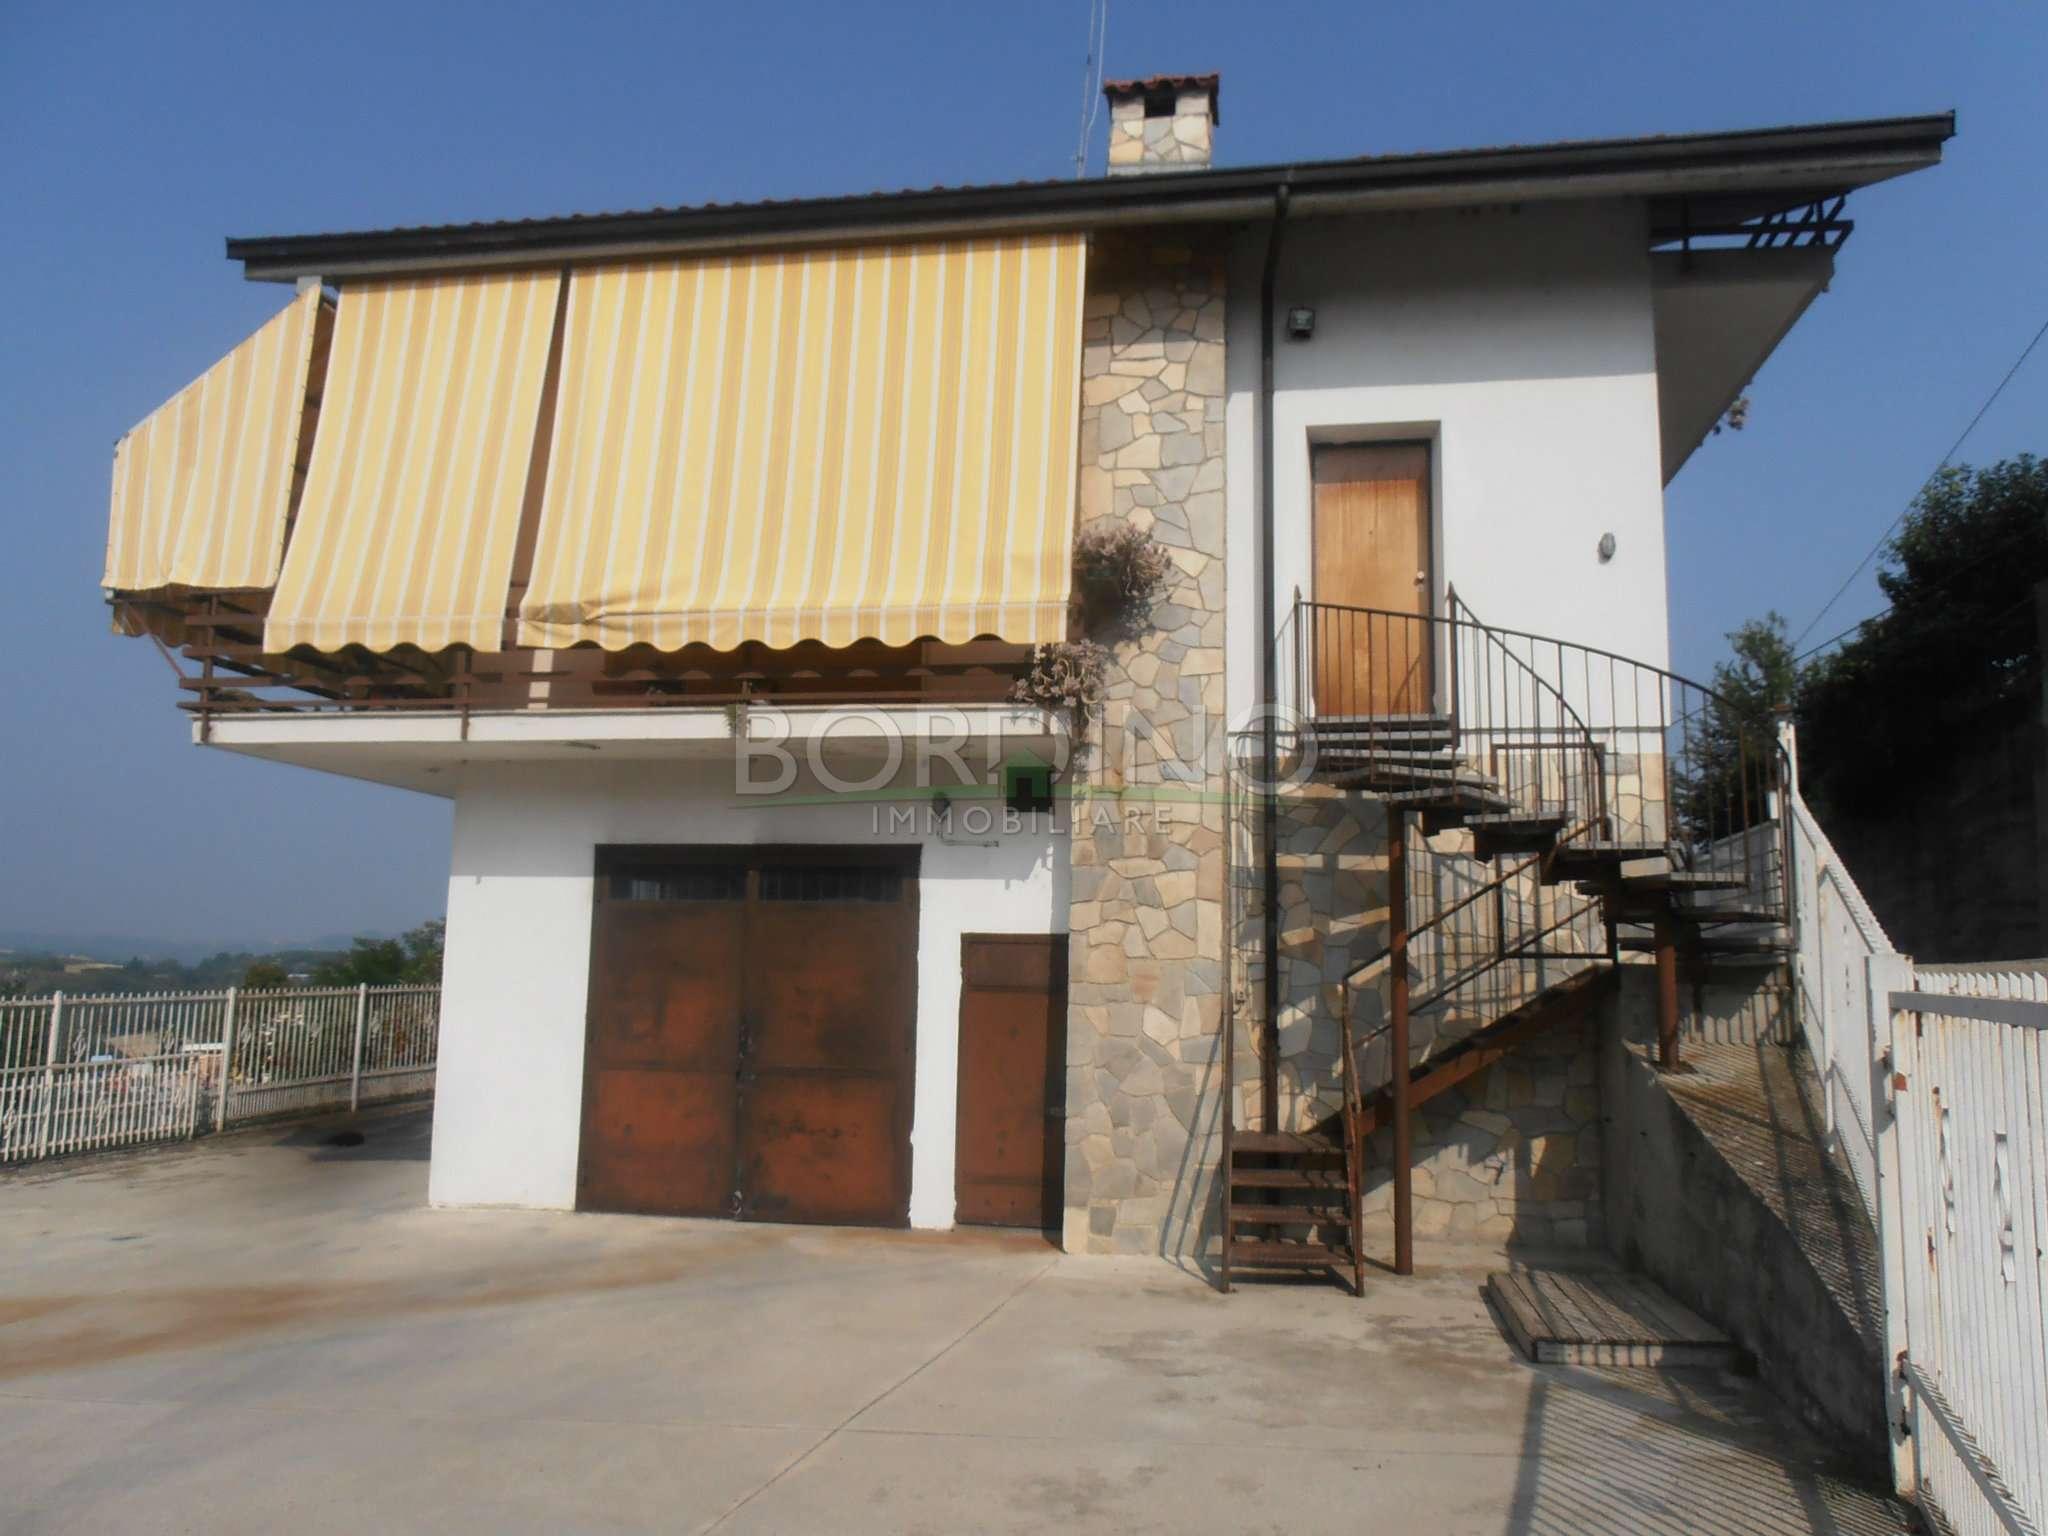 Villa Bifamiliare in vendita a Castellinaldo, 7 locali, prezzo € 165.000   PortaleAgenzieImmobiliari.it